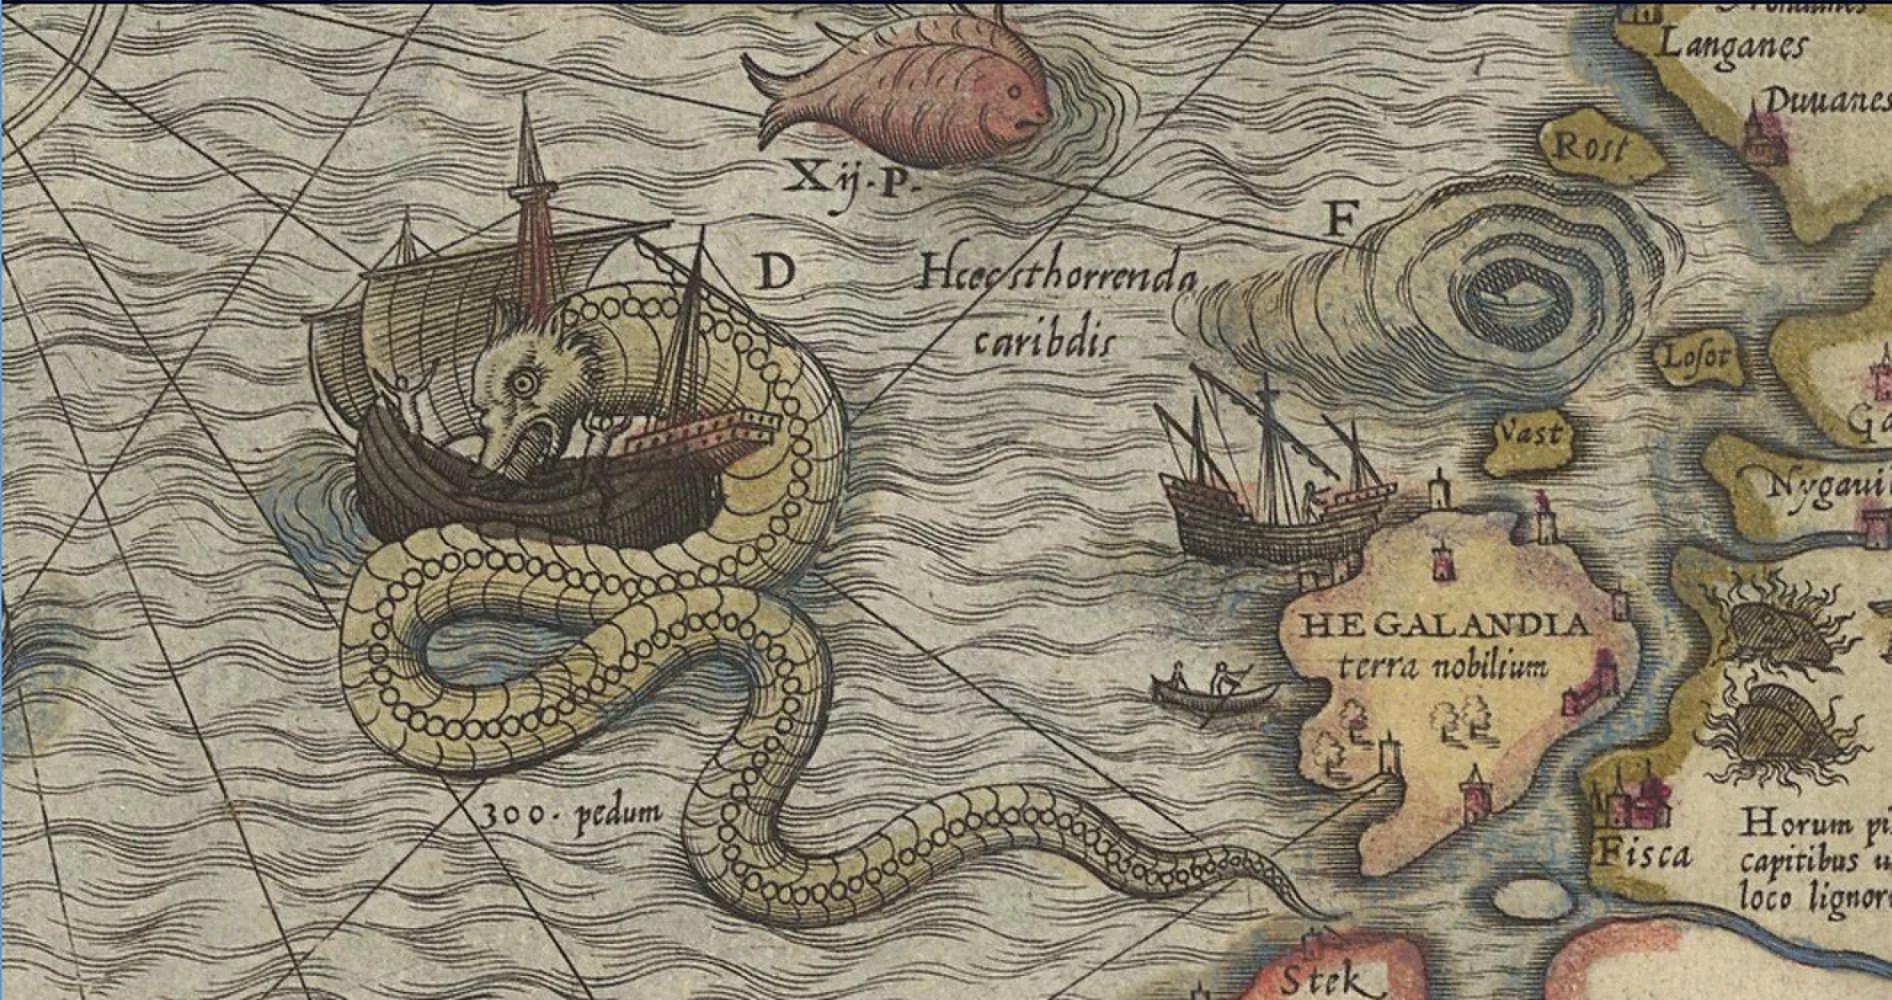 Тут живут драконы: матрица компетенций как инструмент тимлида